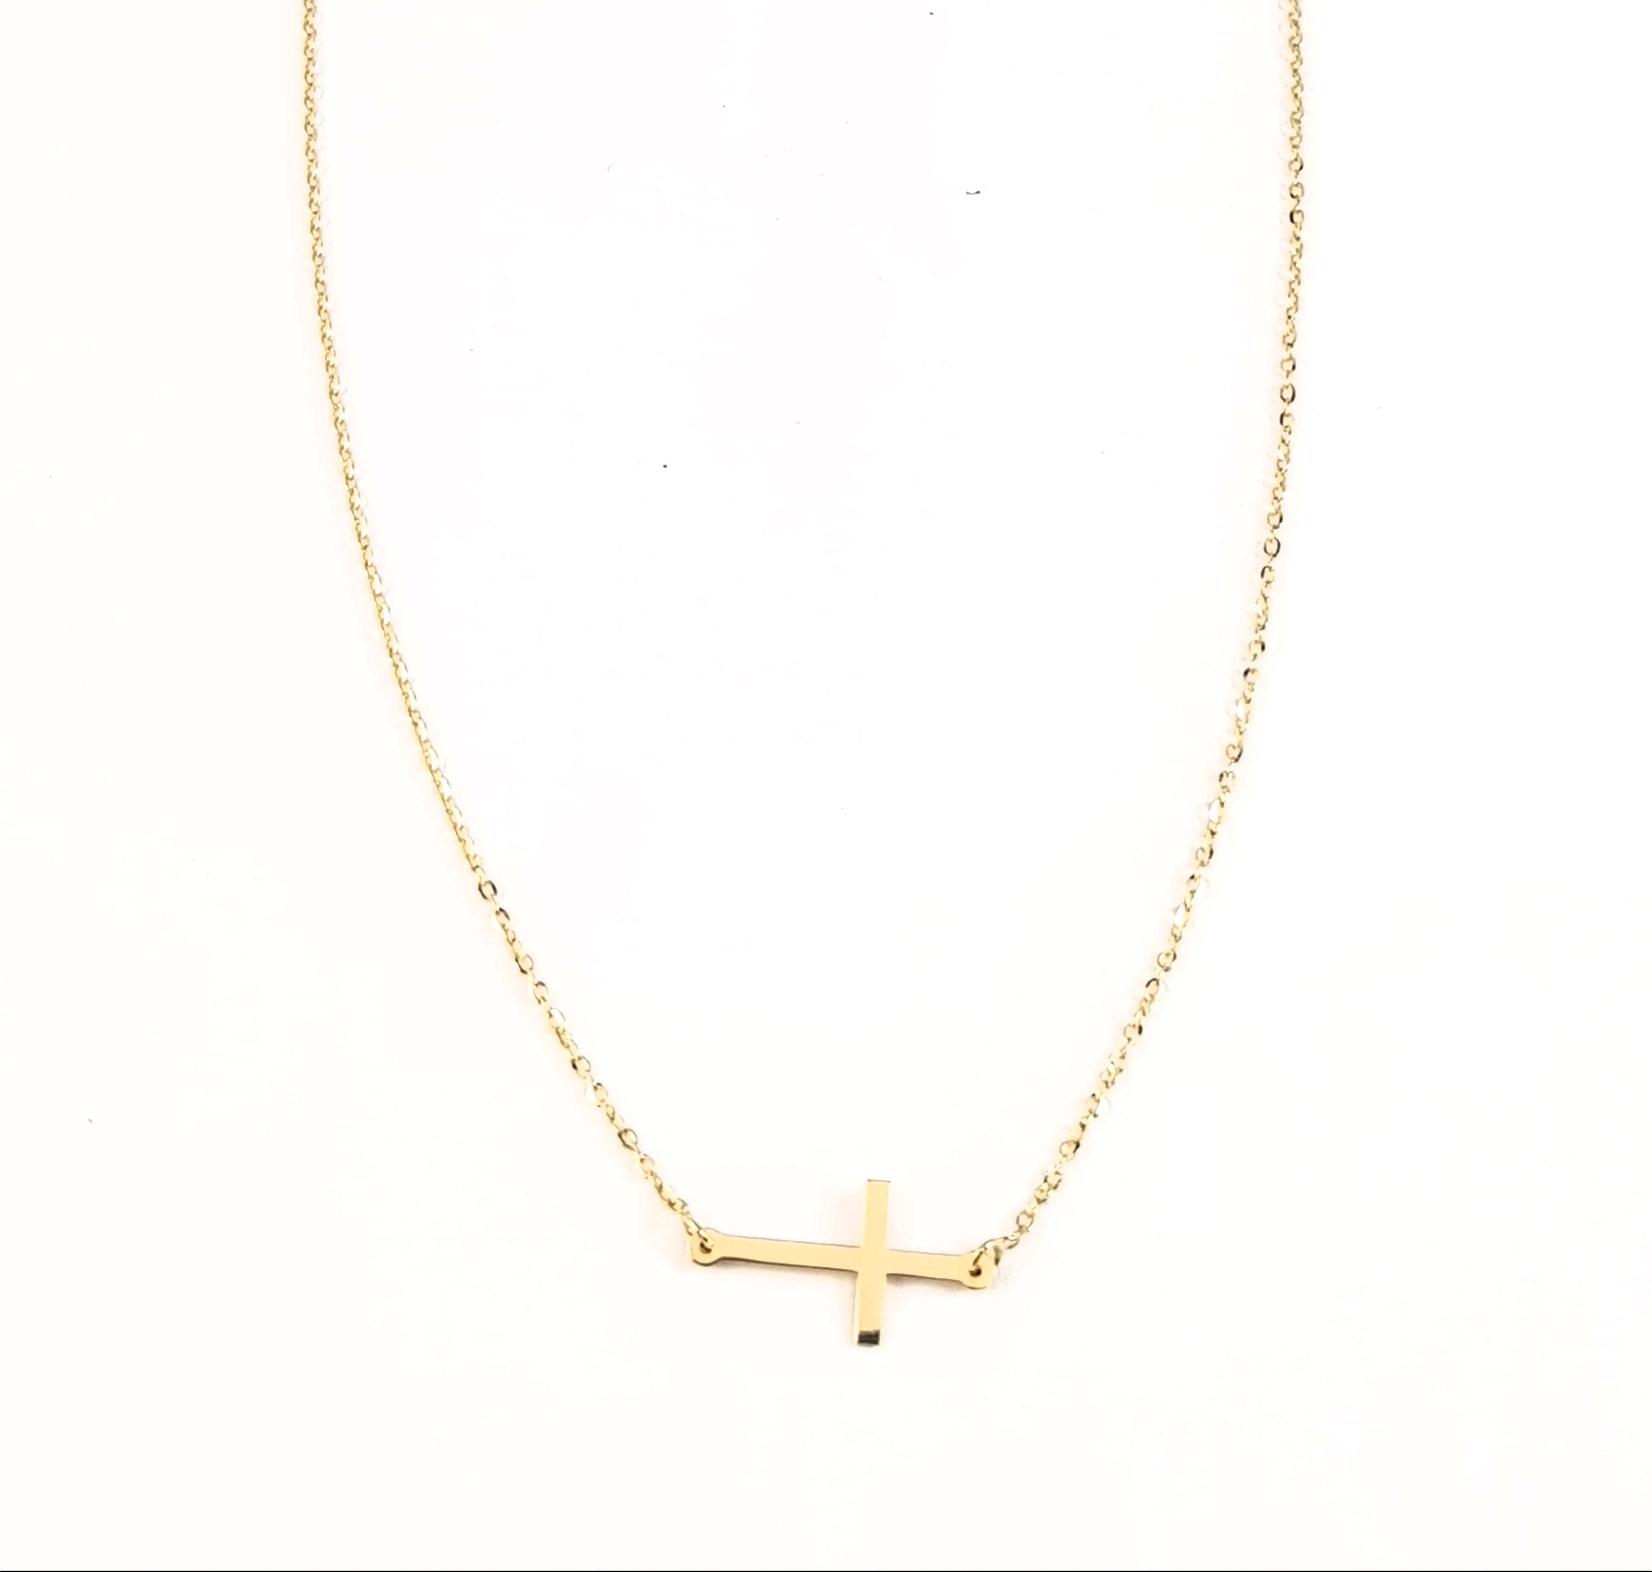 be64cd376208 Colgante cruz oro - Joyería Amores. Tienda online joyas personalizadas y  artesanales